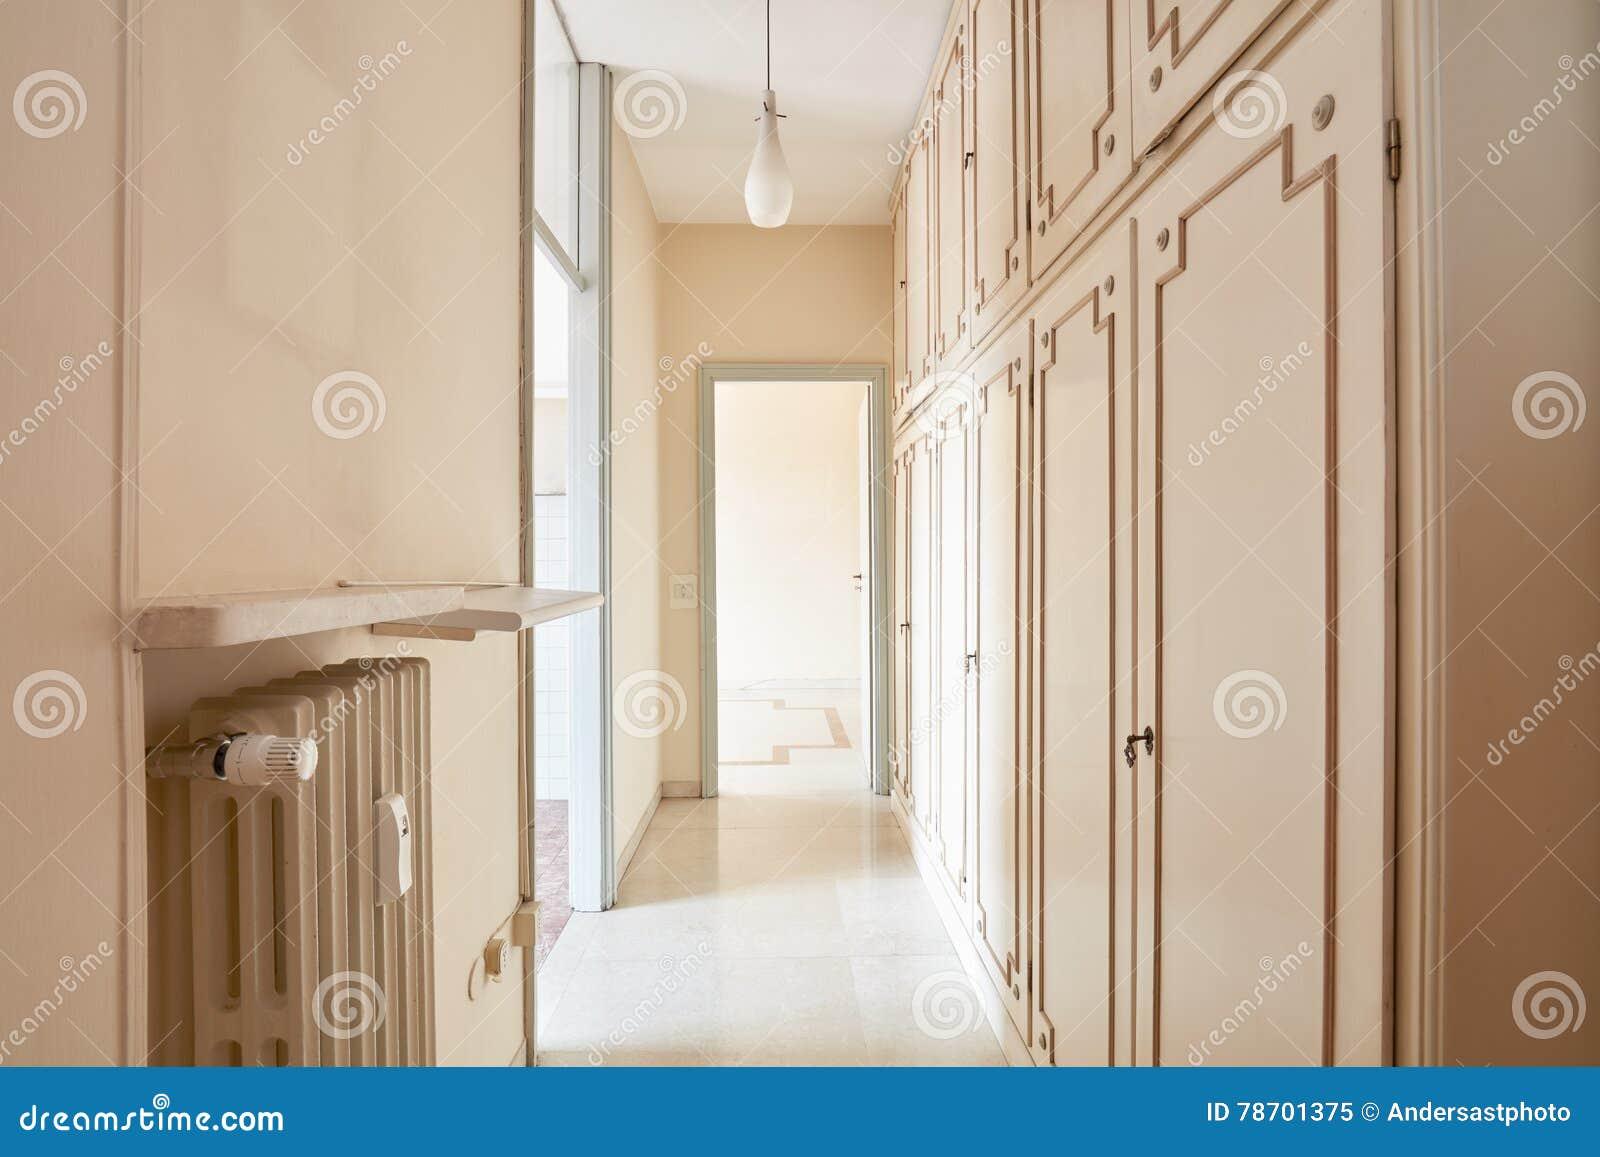 Couloir En Appartement Vide Image stock - Image du élégance, wooden ...